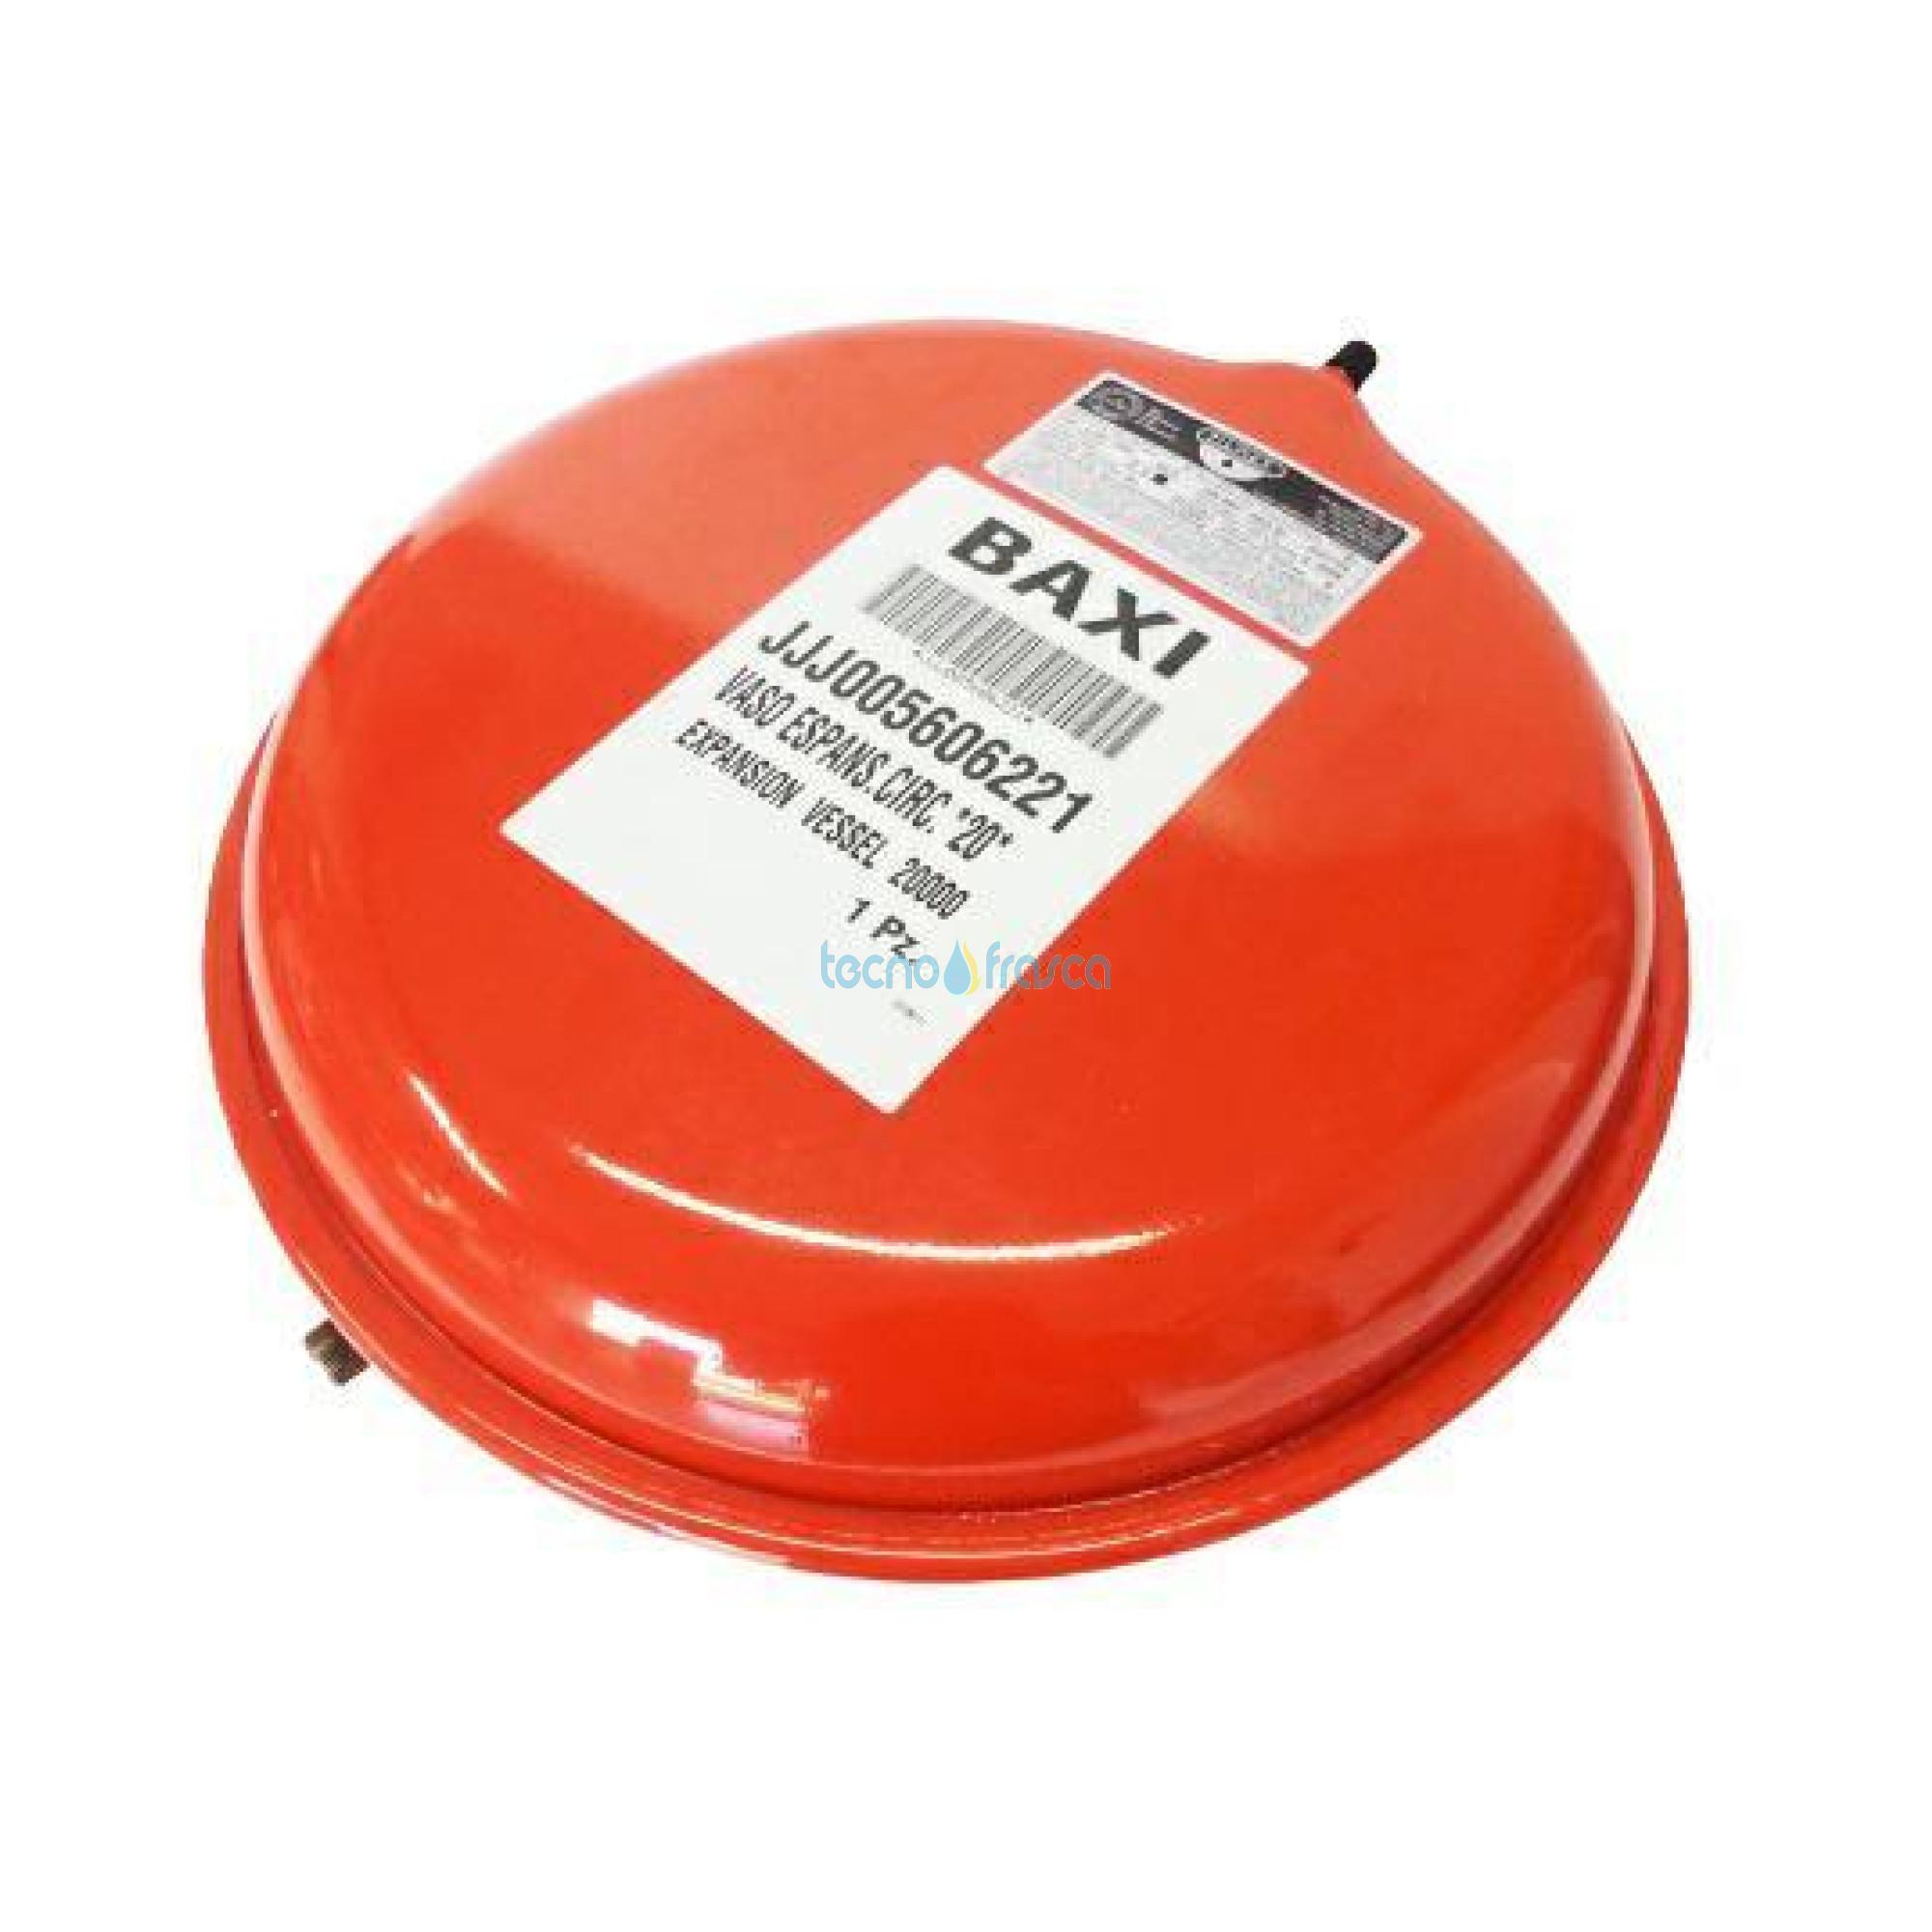 Baxi vaso di espansione lt 6 circolare jjj005606221